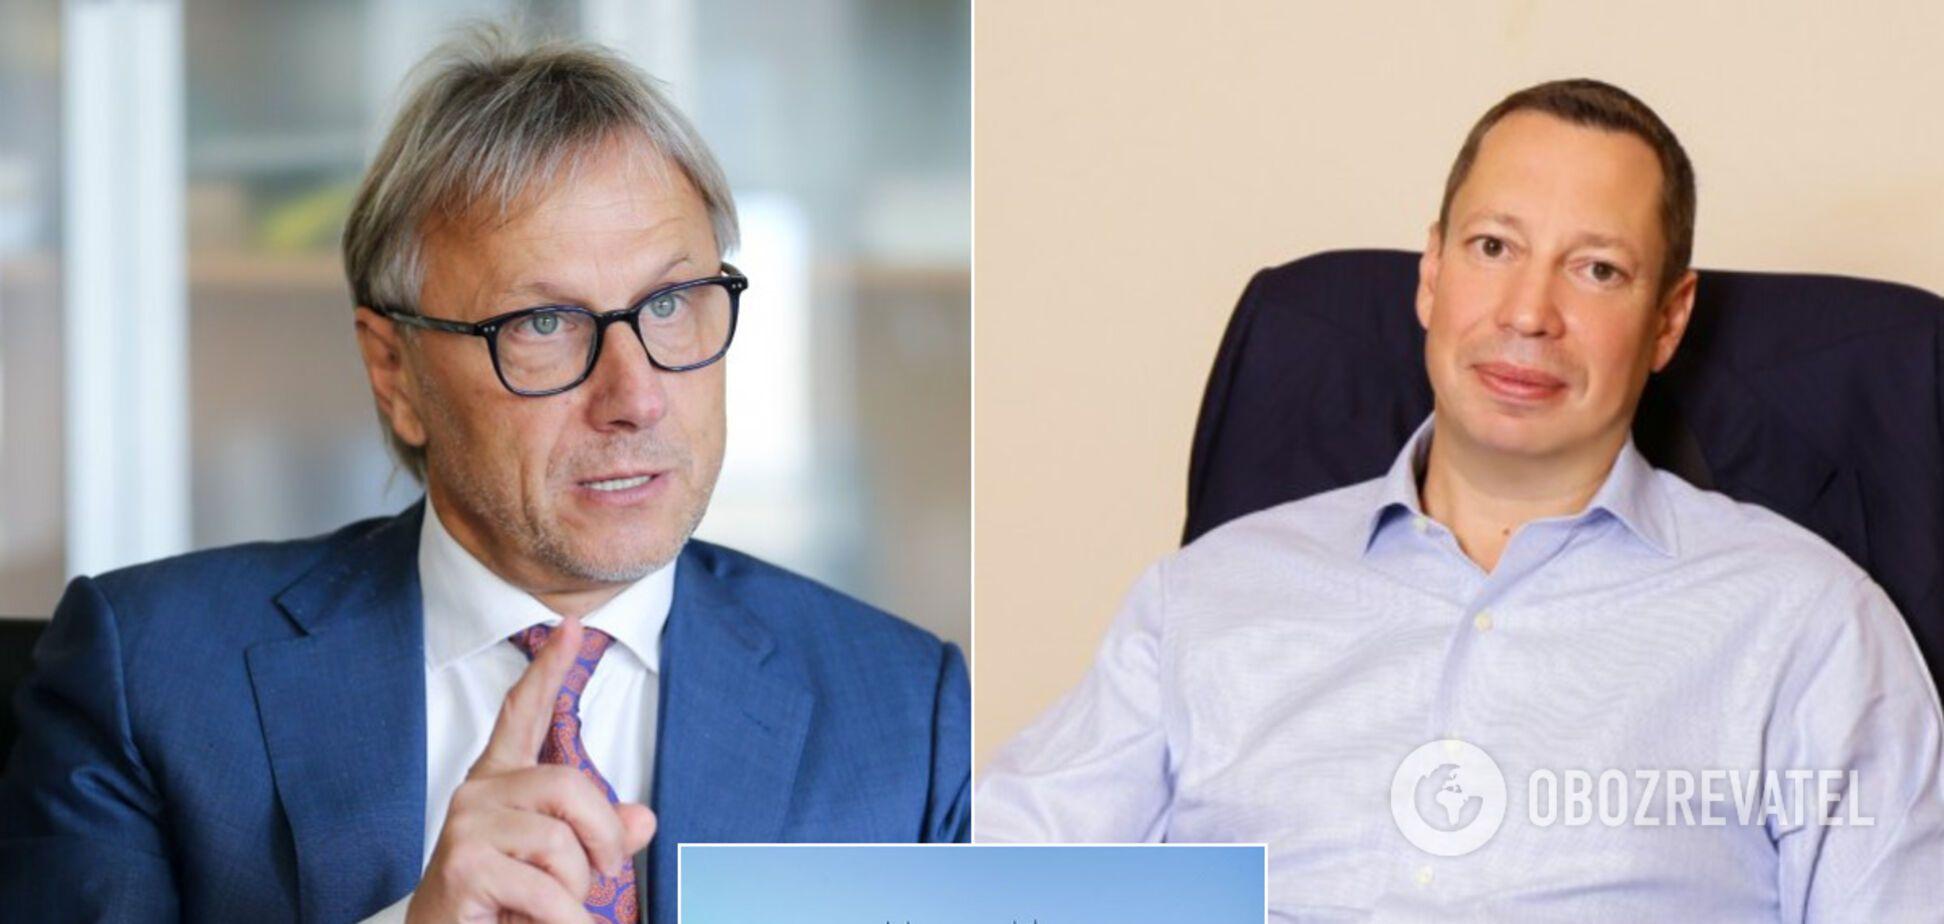 В Україні готуються замінити голову НБУ: що відомо про кандидатів